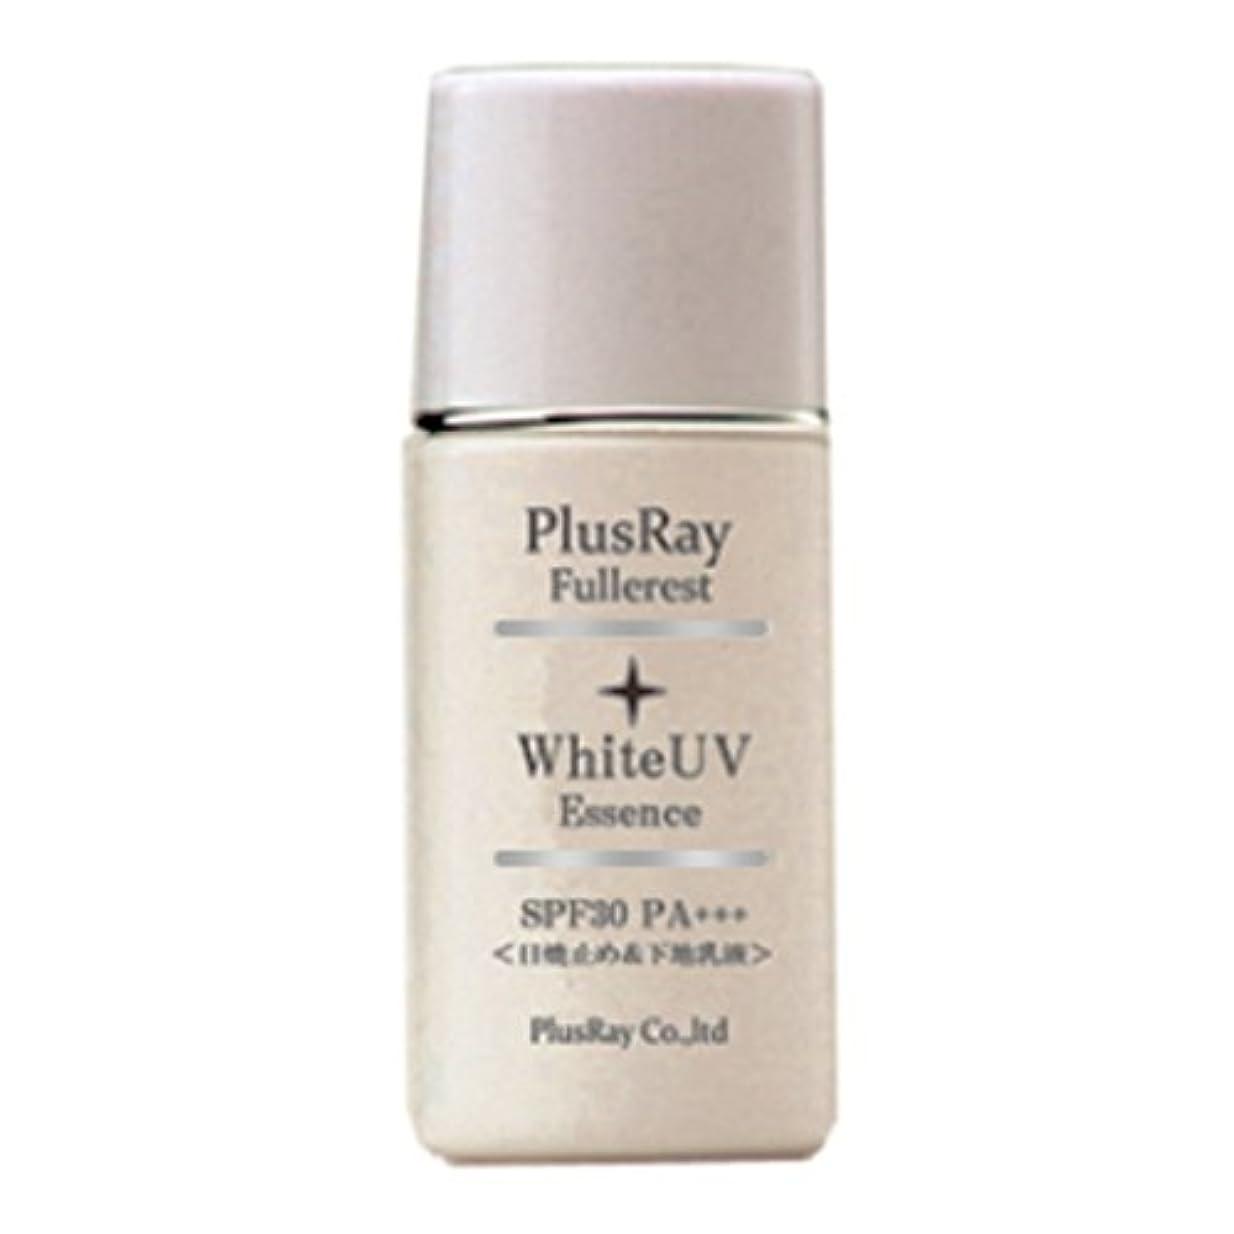 心理的に気分が悪い危険プラスレイ(PlusRay)化粧品 フラーレスト ホワイト UV エッセンス 化粧下地 紫外線対策 A波 B波 対応 乳液タイプ